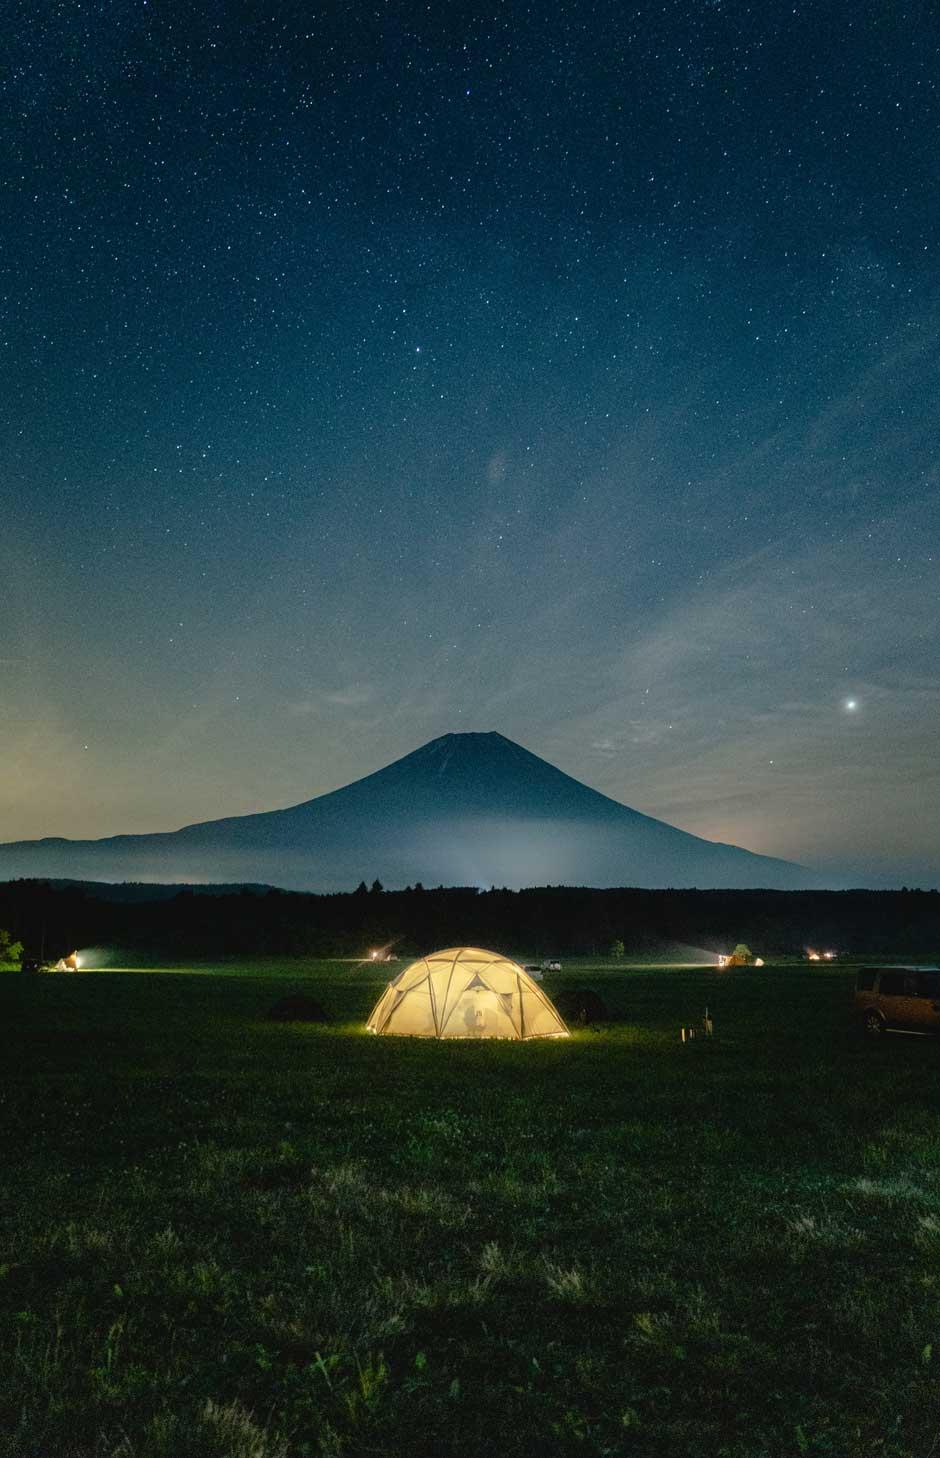 Astroturismo en Japón: dónde ver estrellas en Japón | Tu Gran Viaje